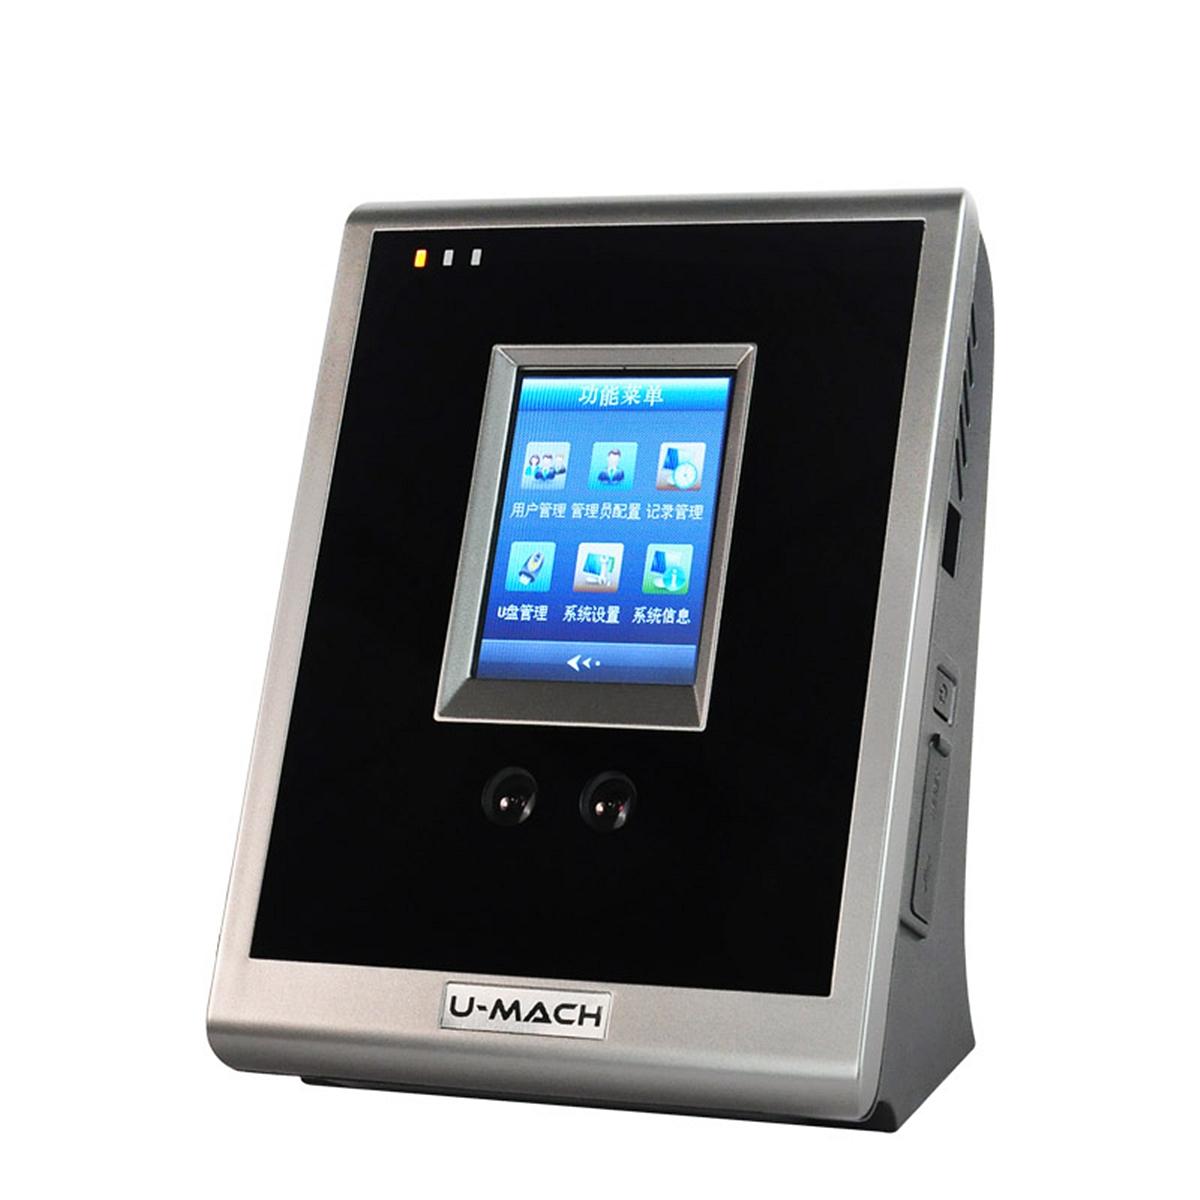 优玛仕 U-R101 人脸考勤机 最大用户数:200人(单位:台)